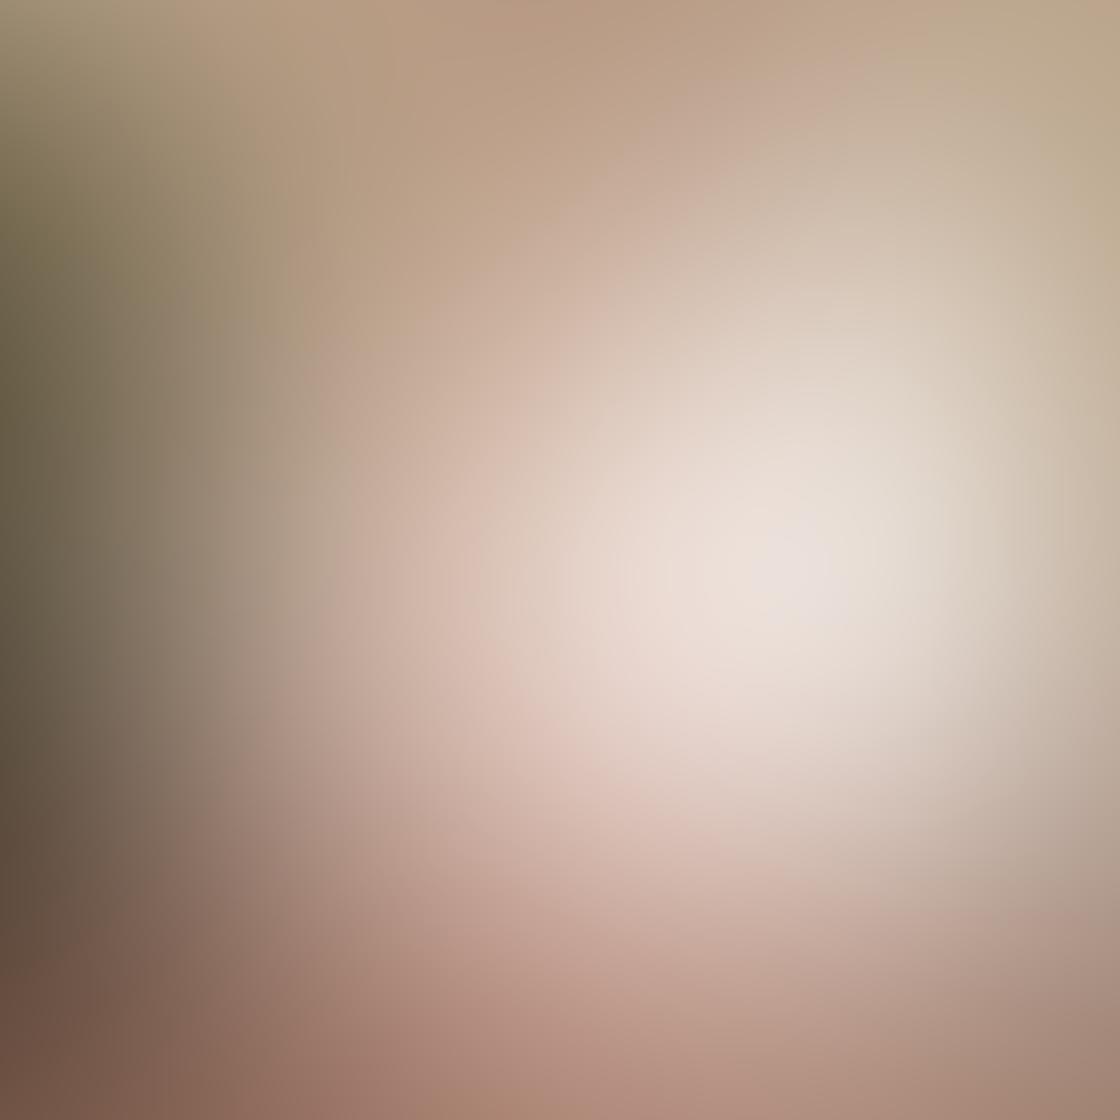 iPhone Photos Portrait Backgrounds 20